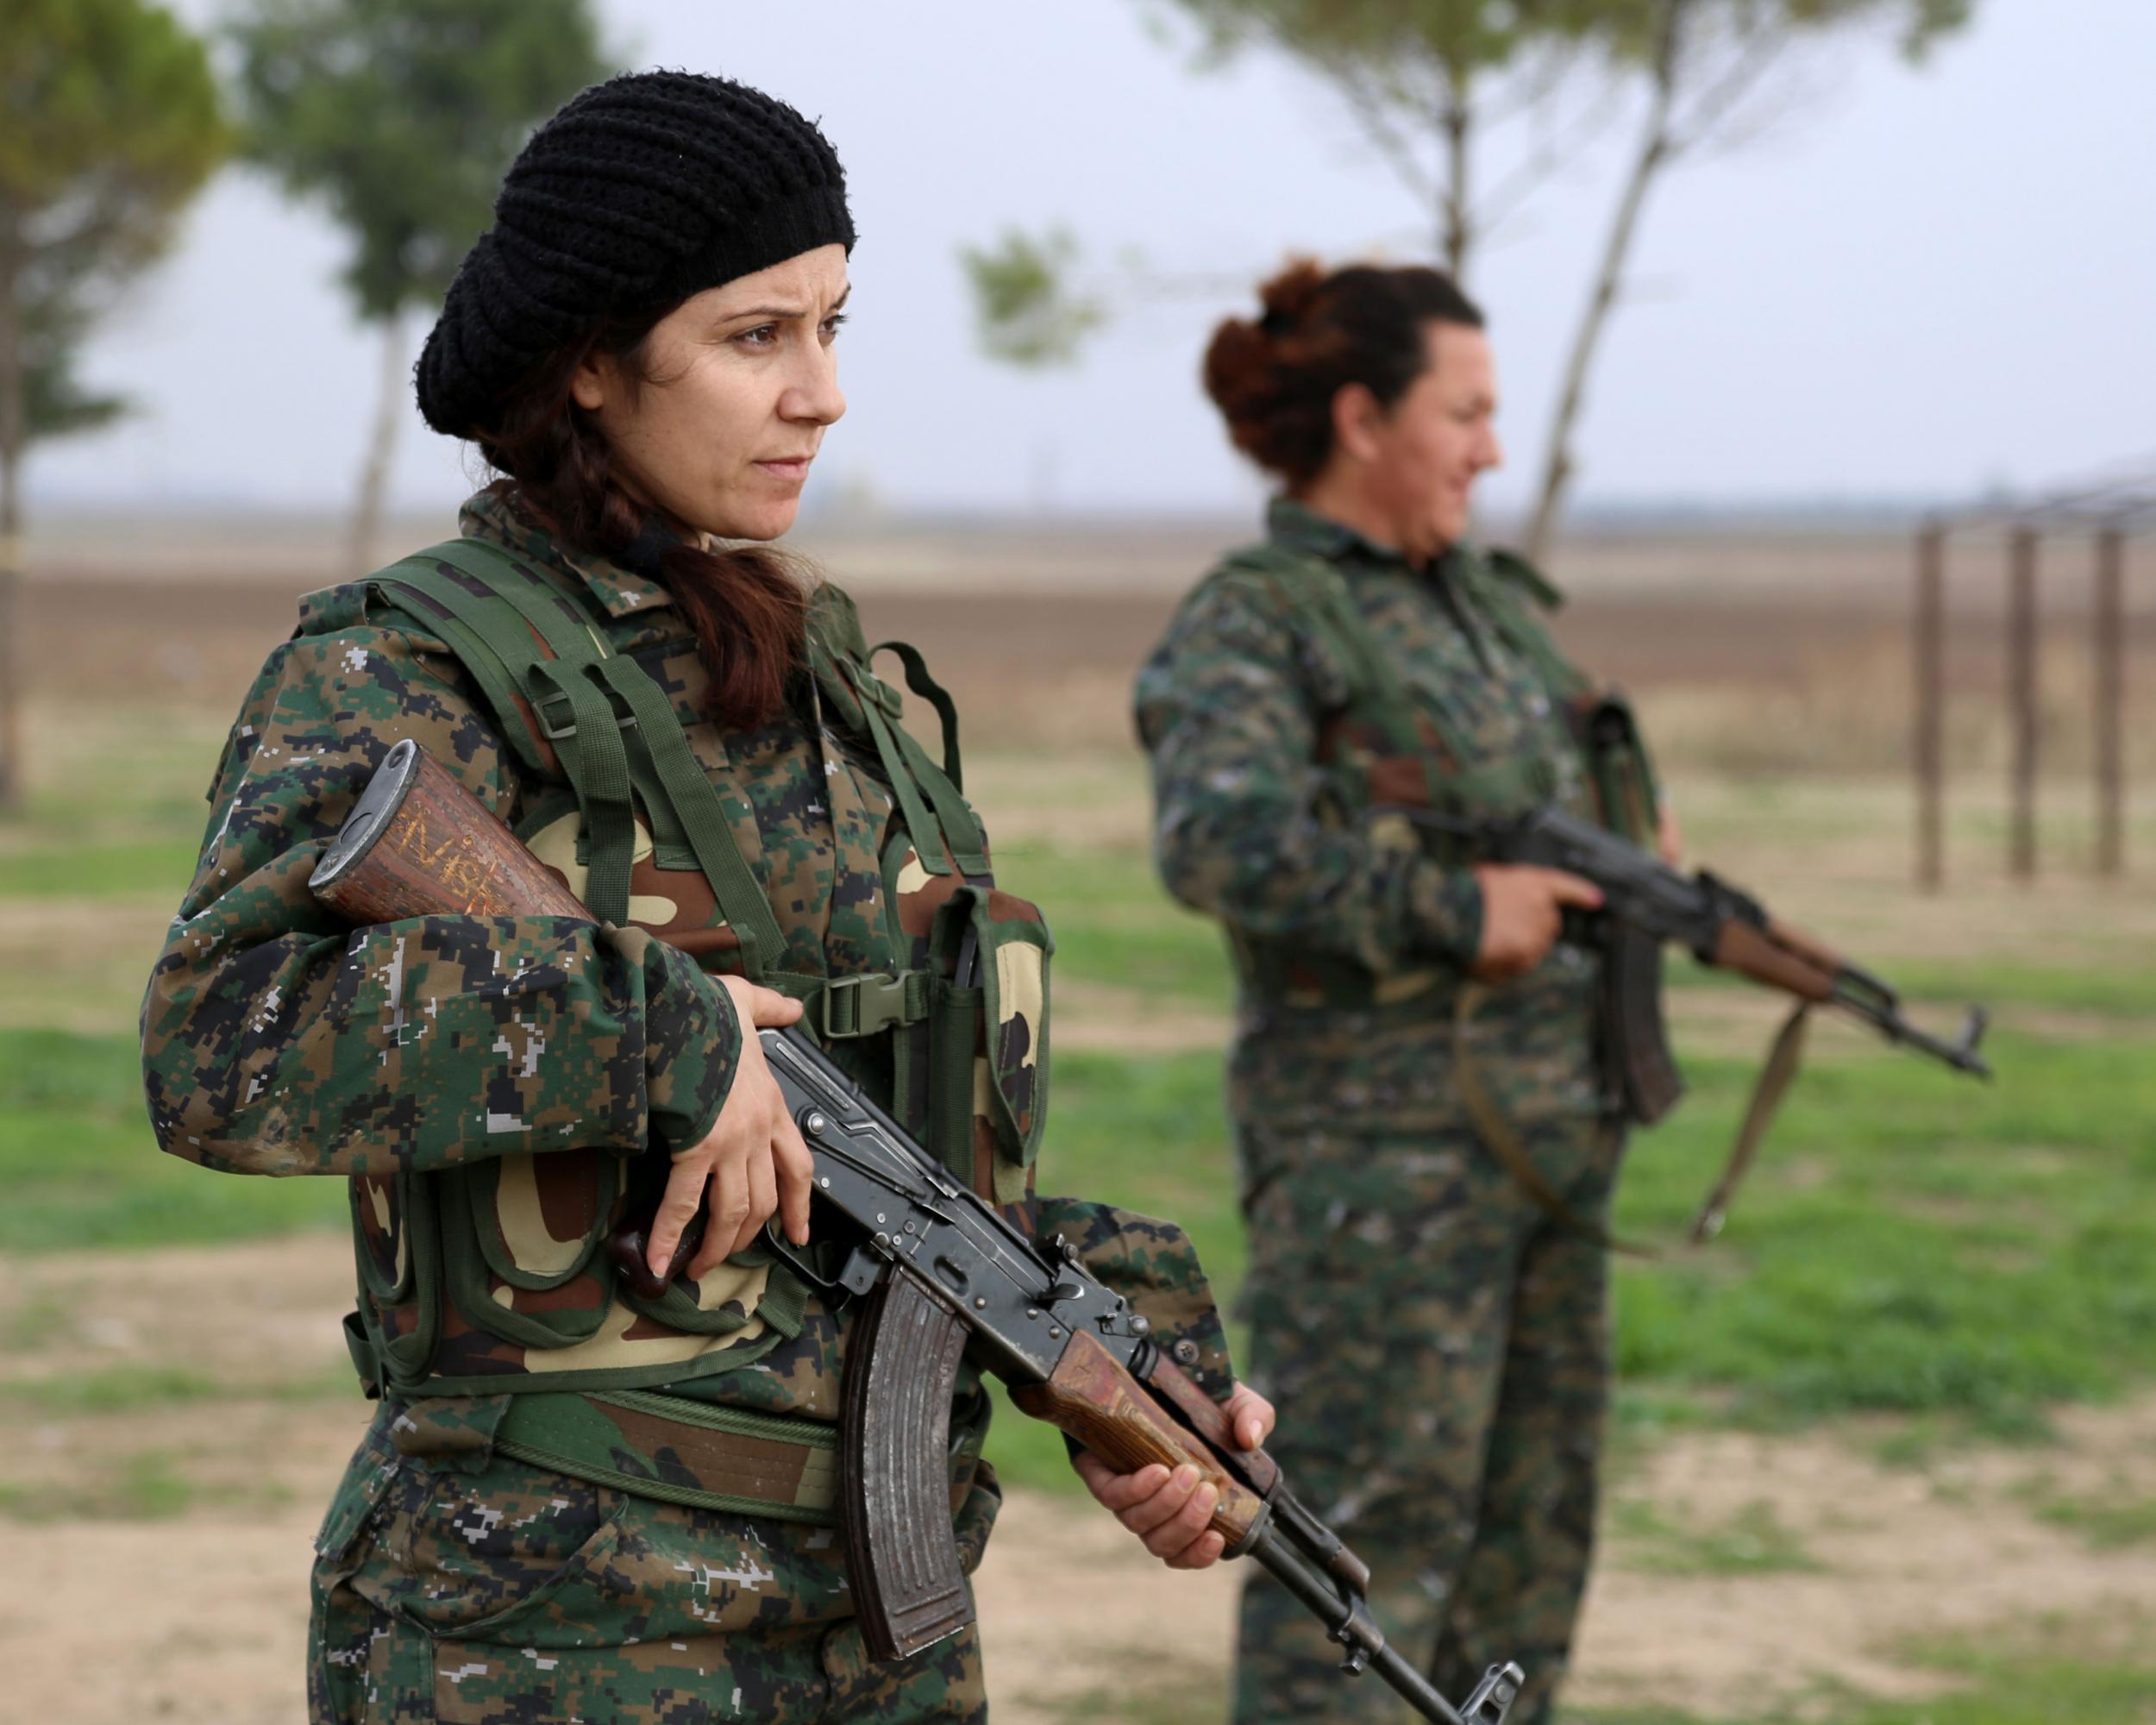 фото курдских девушек версии следствия